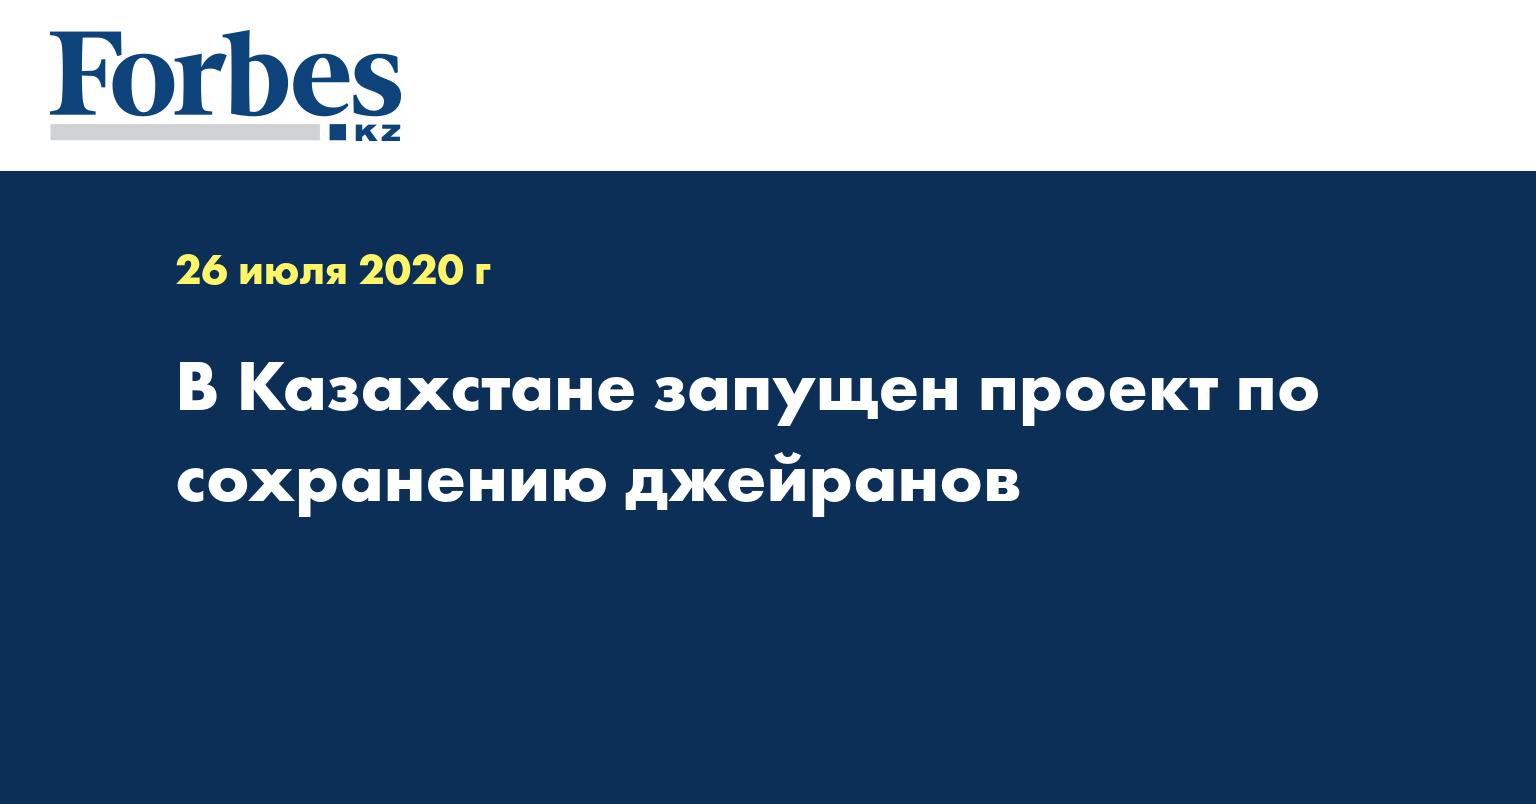 В Казахстане запущен проект по сохранению джейранов